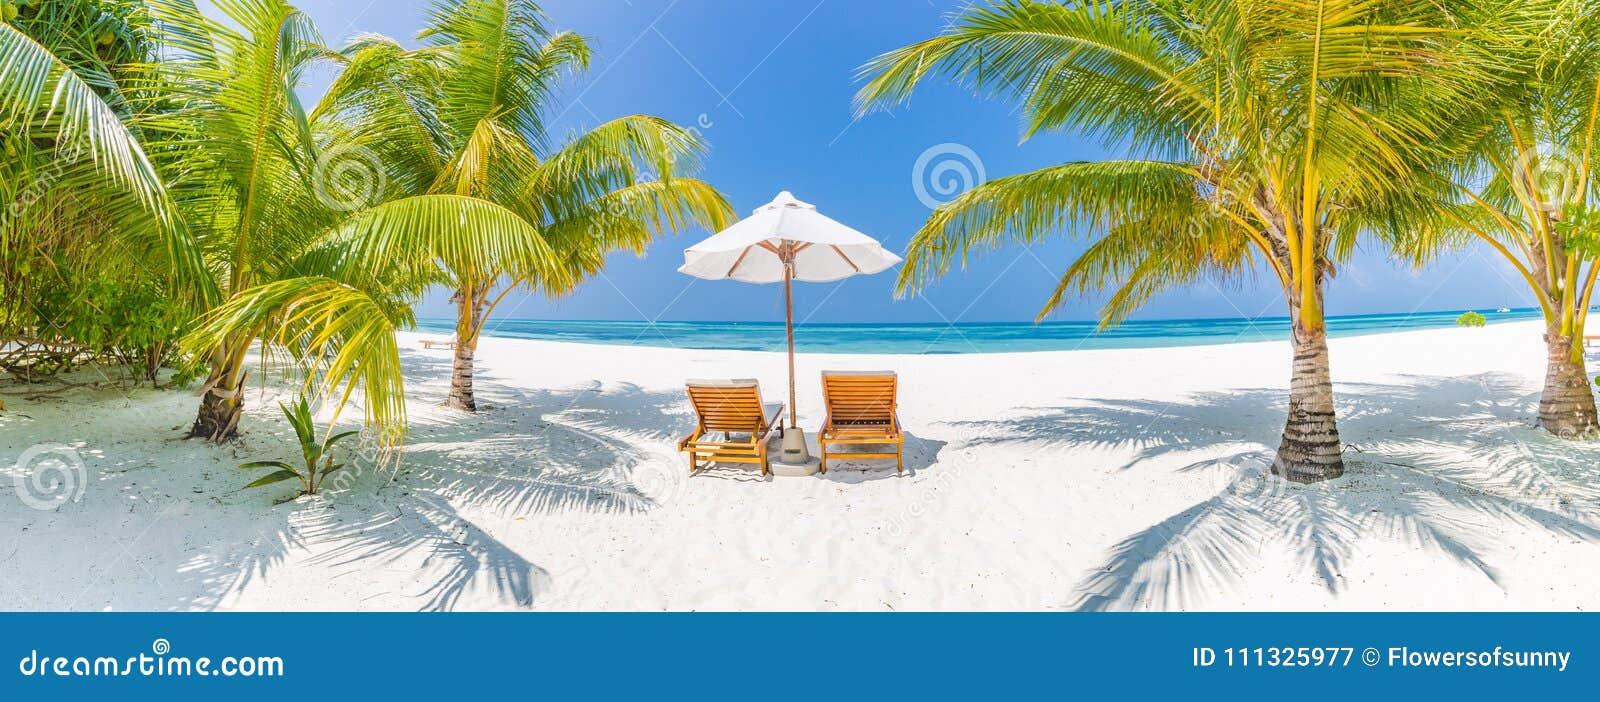 Panorama do fundo do destino do curso do verão Cena tropical da praia